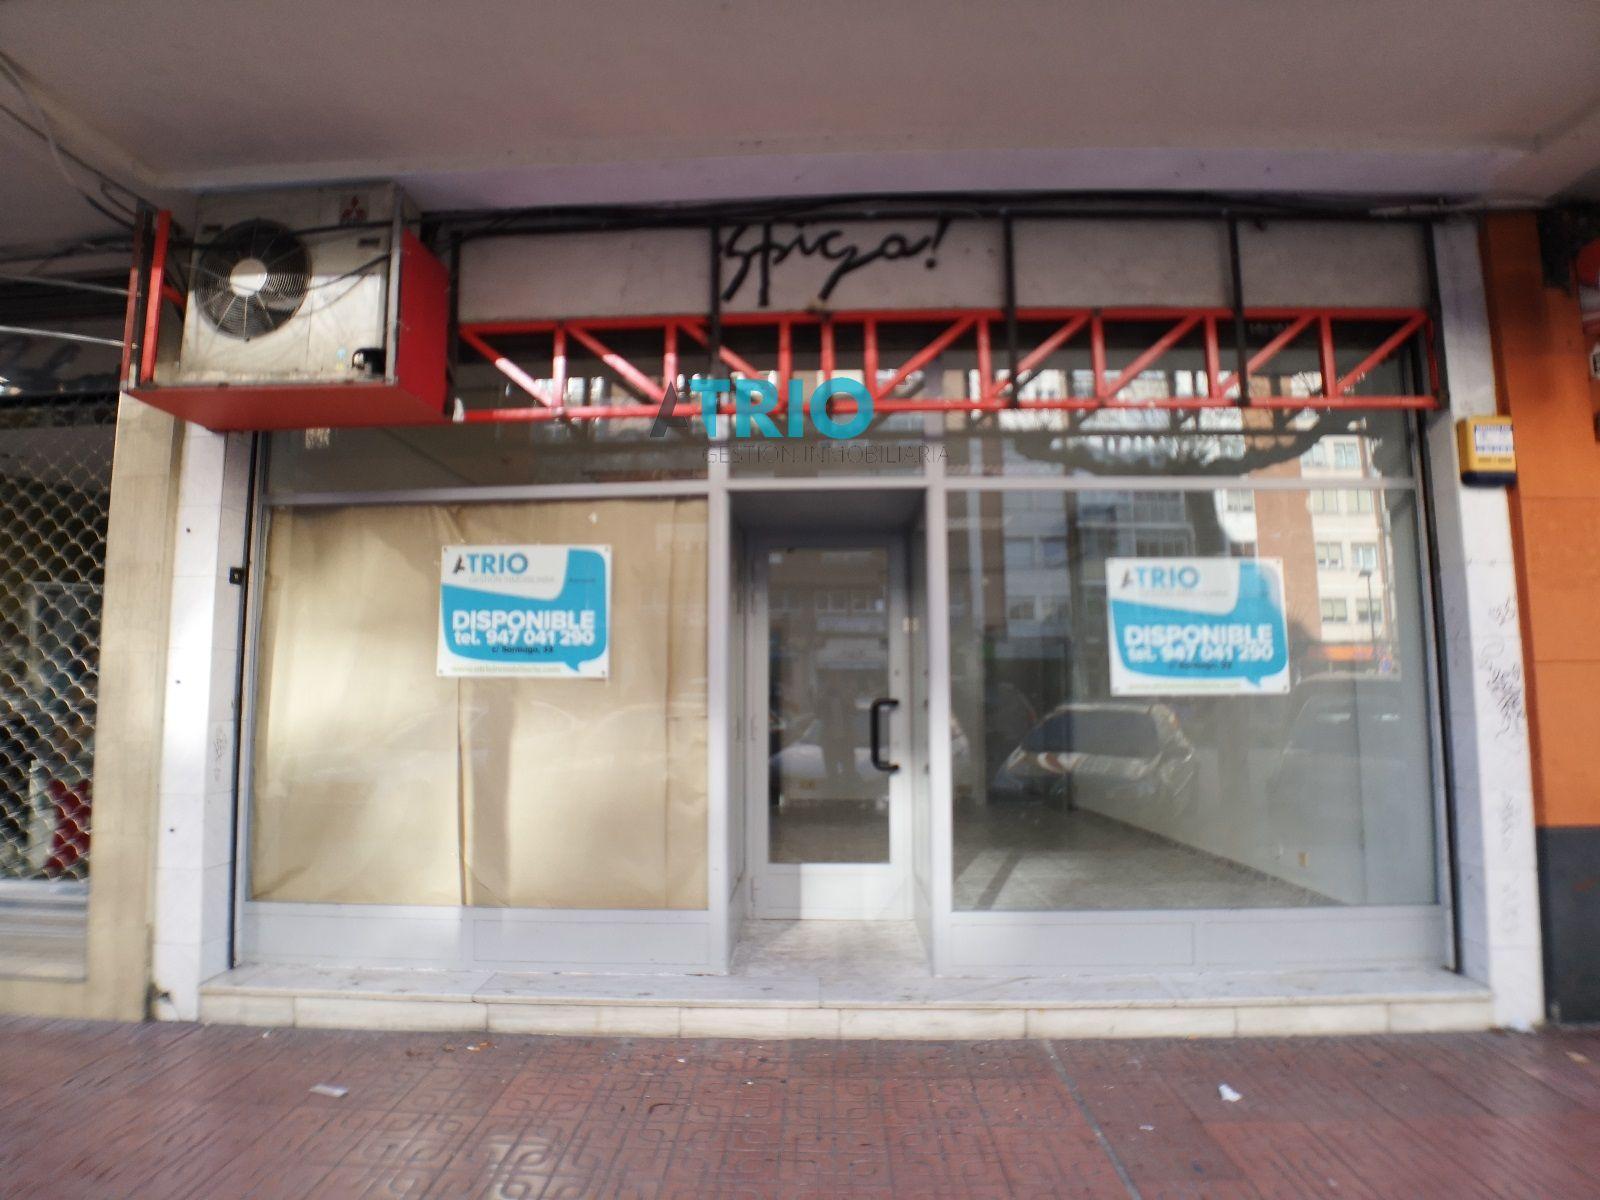 dia.mobiliagestion.es/Portals/inmoatrio/Images/6701/4310984